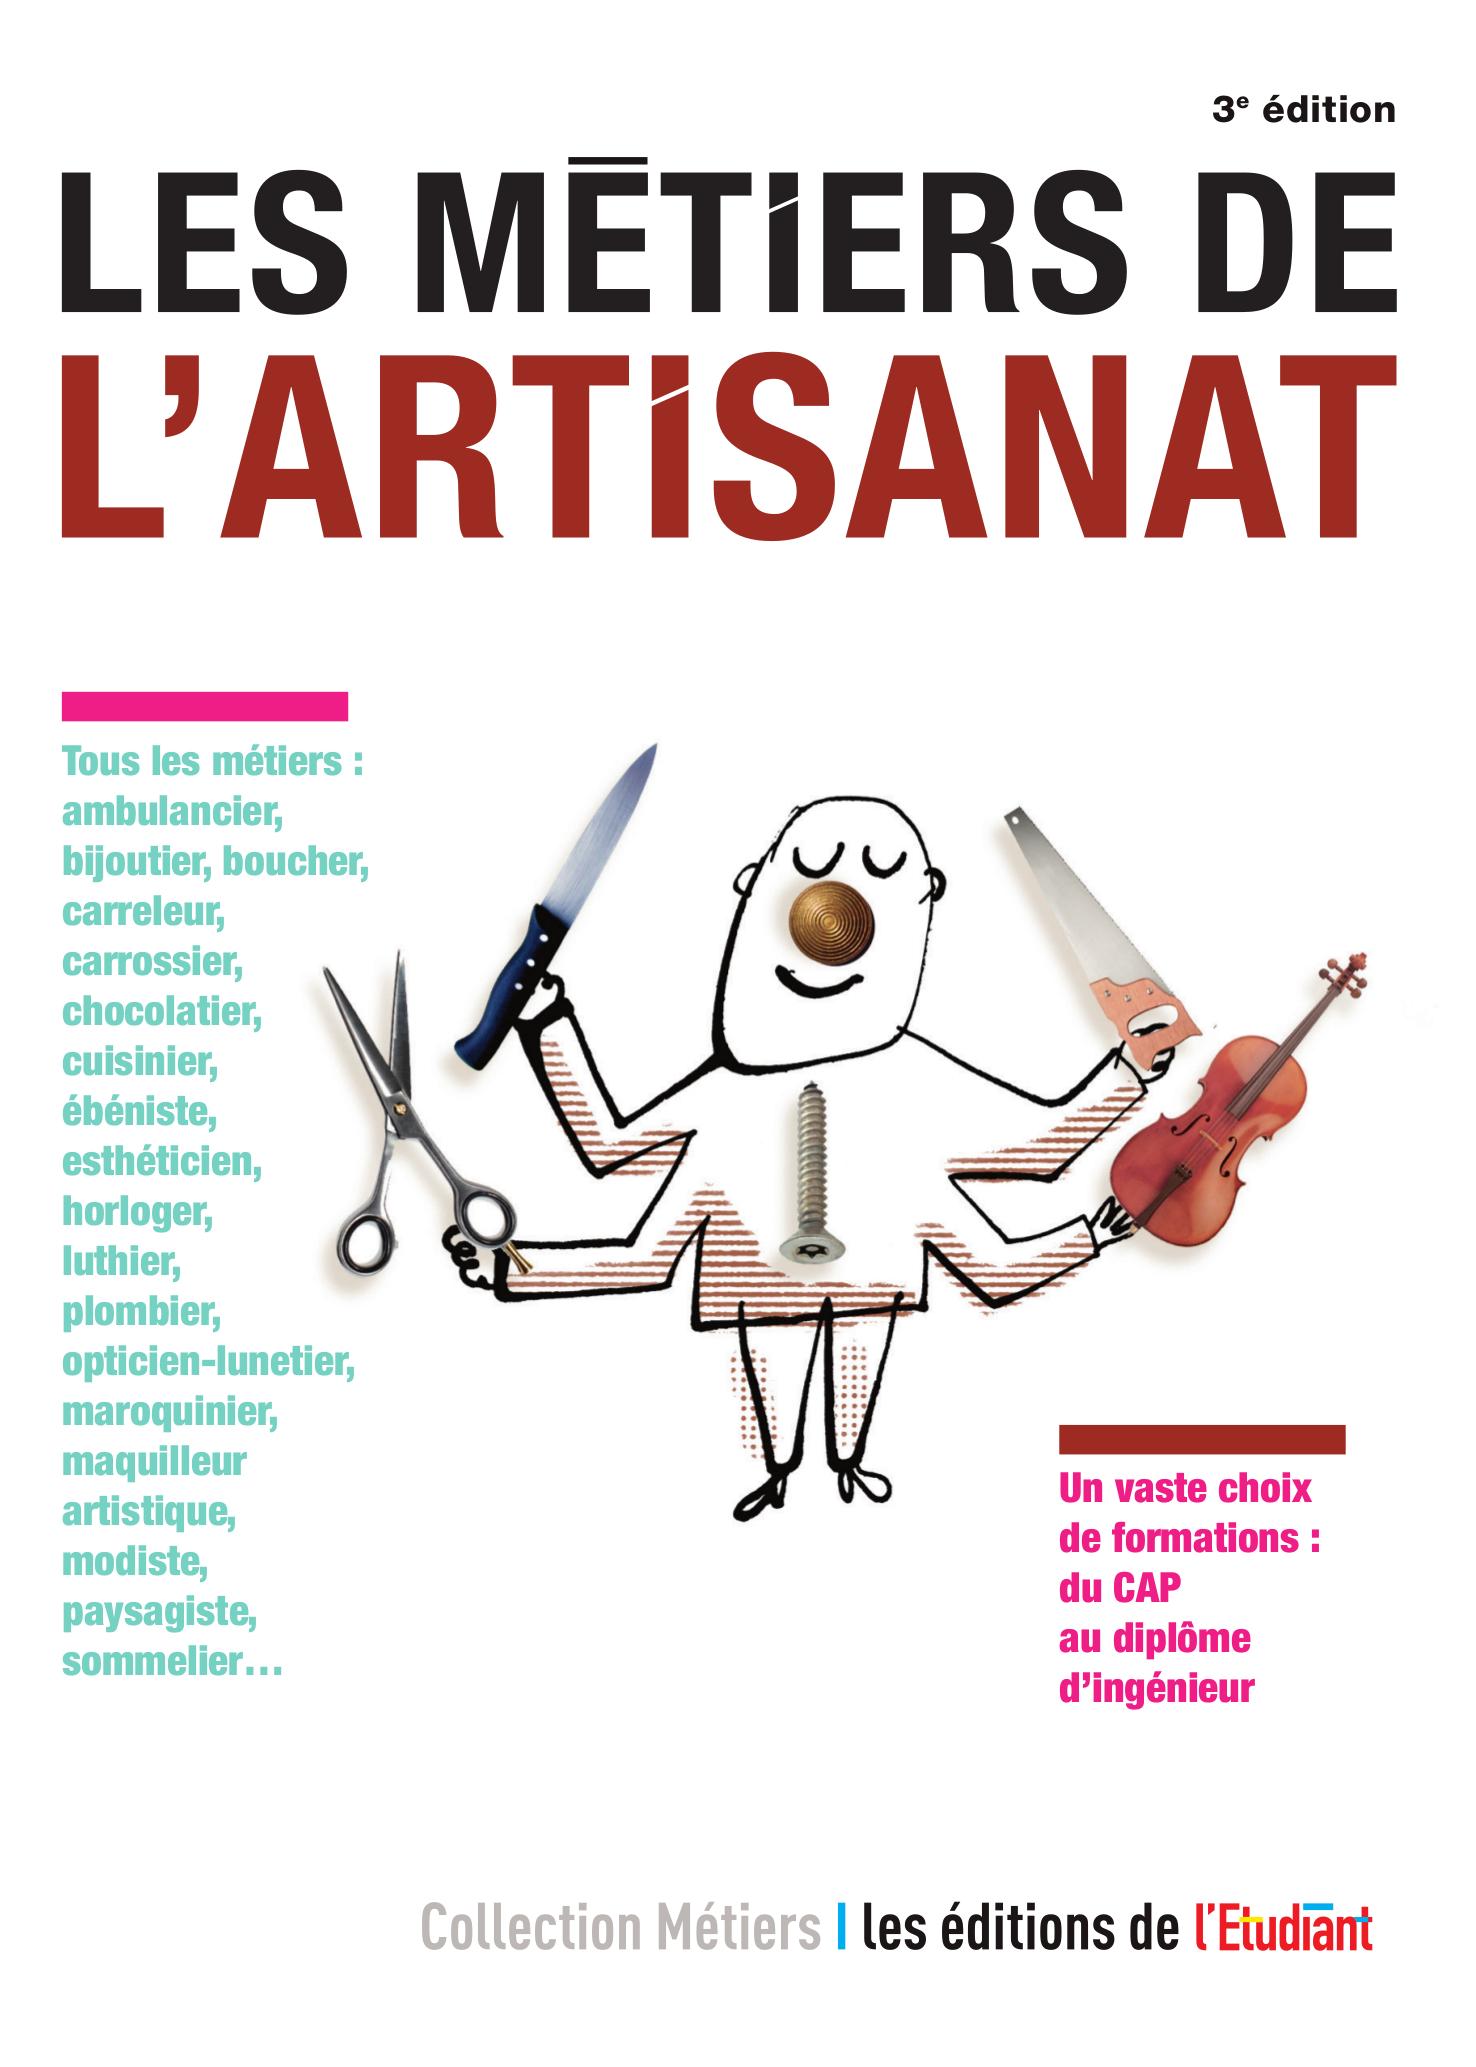 metiers artisanat qui recrutent - Artisanat et commerce ...